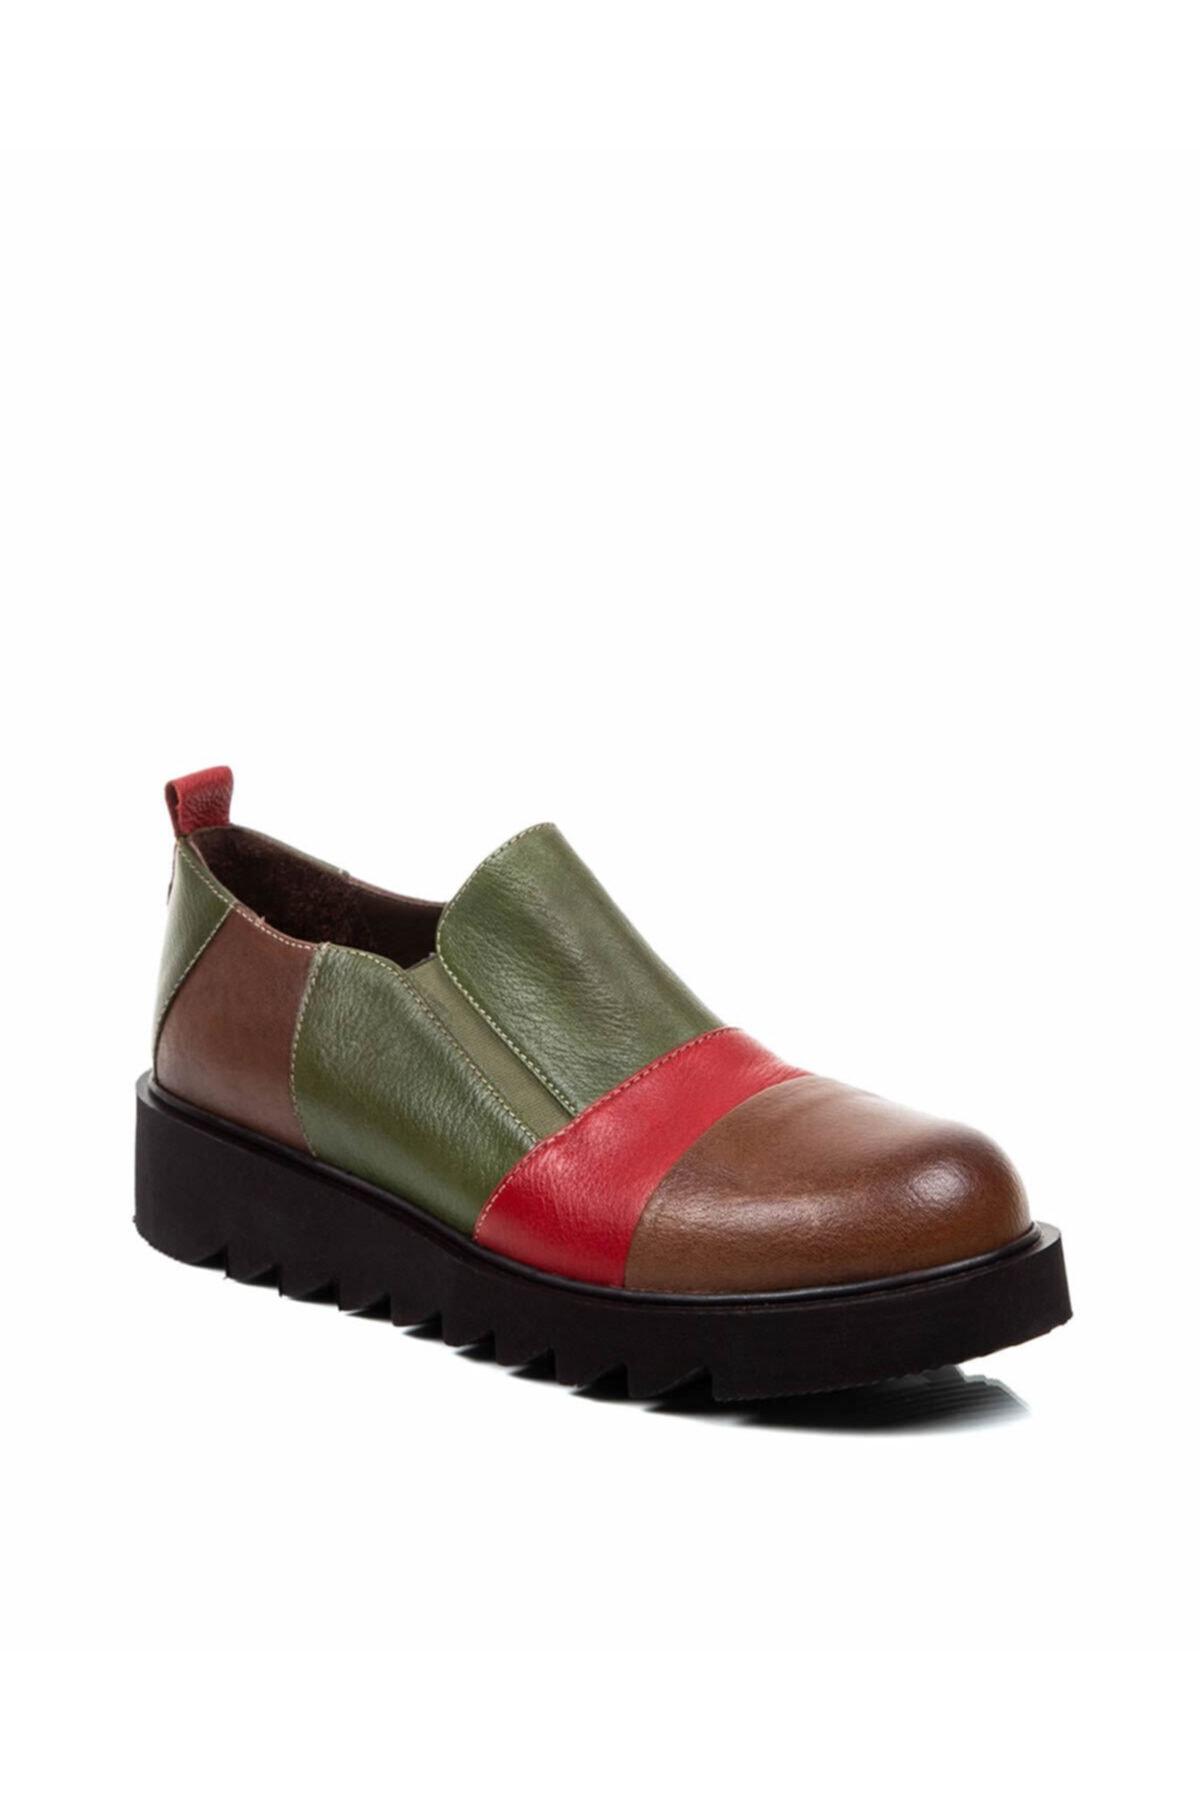 Beta Shoes Kadın Taba Hakiki Deri Casual Ayakkabı 1